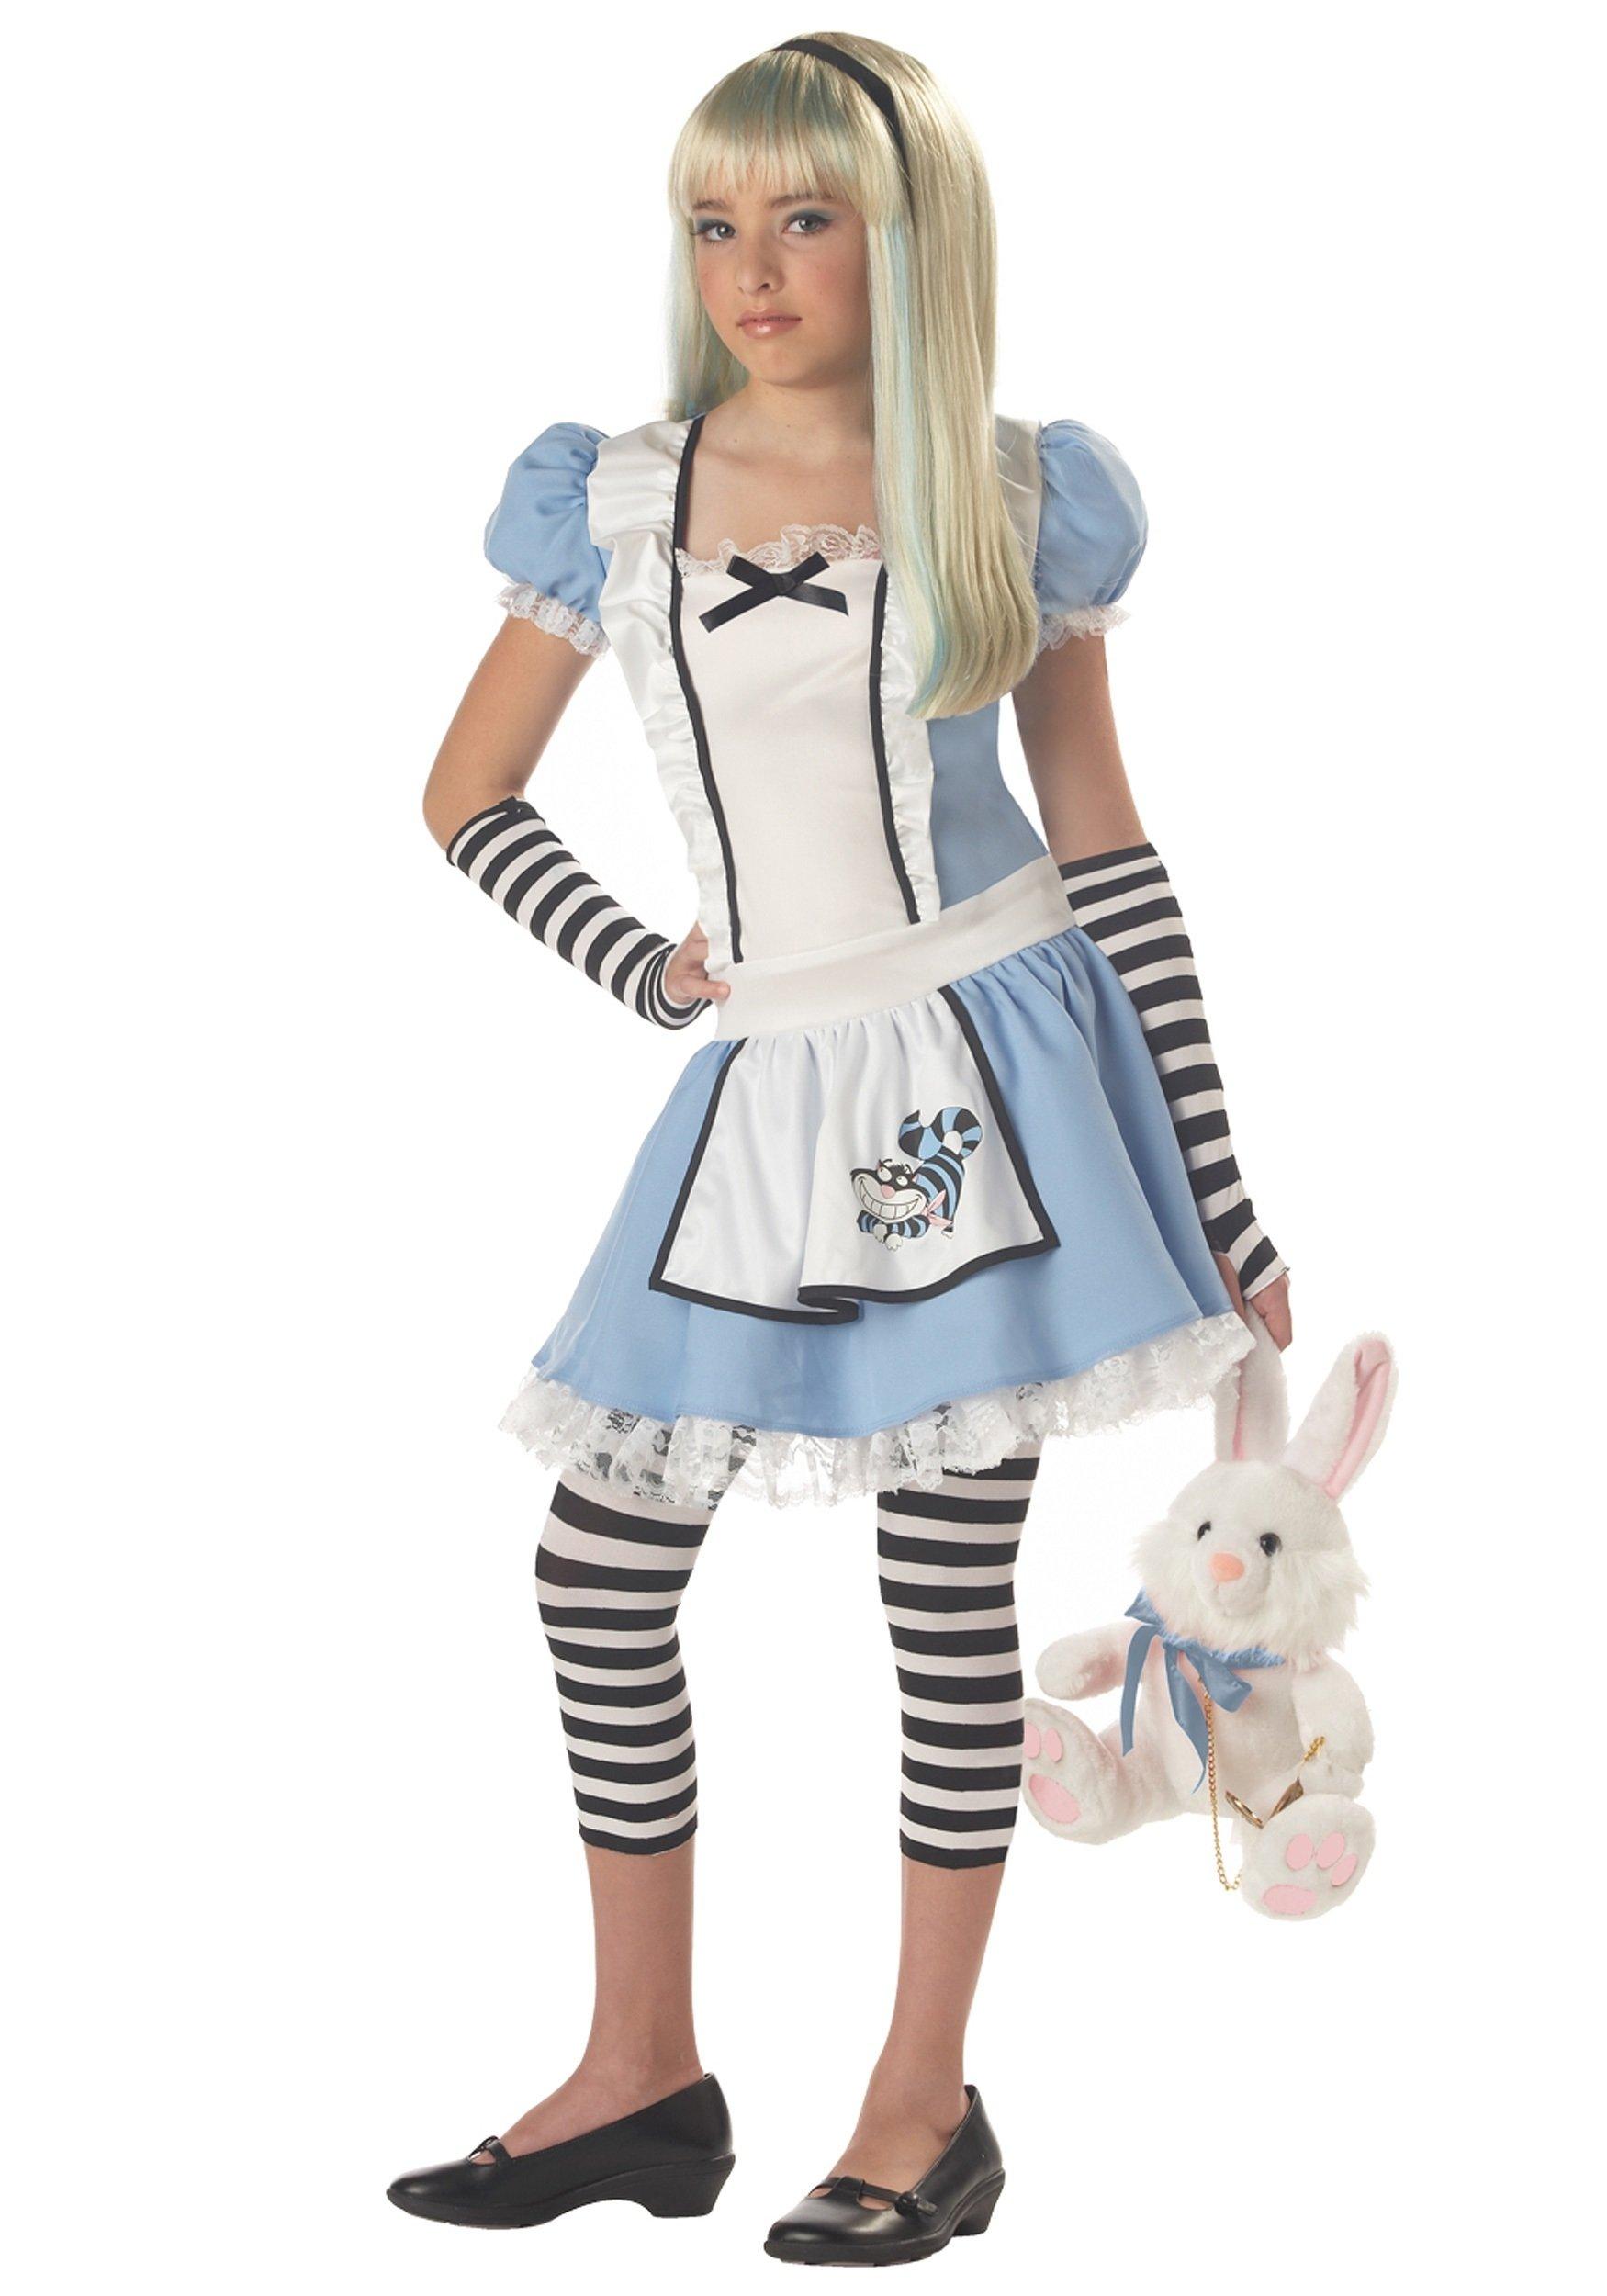 10 Unique Tween Girl Halloween Costume Ideas tween alice costume 4 2020